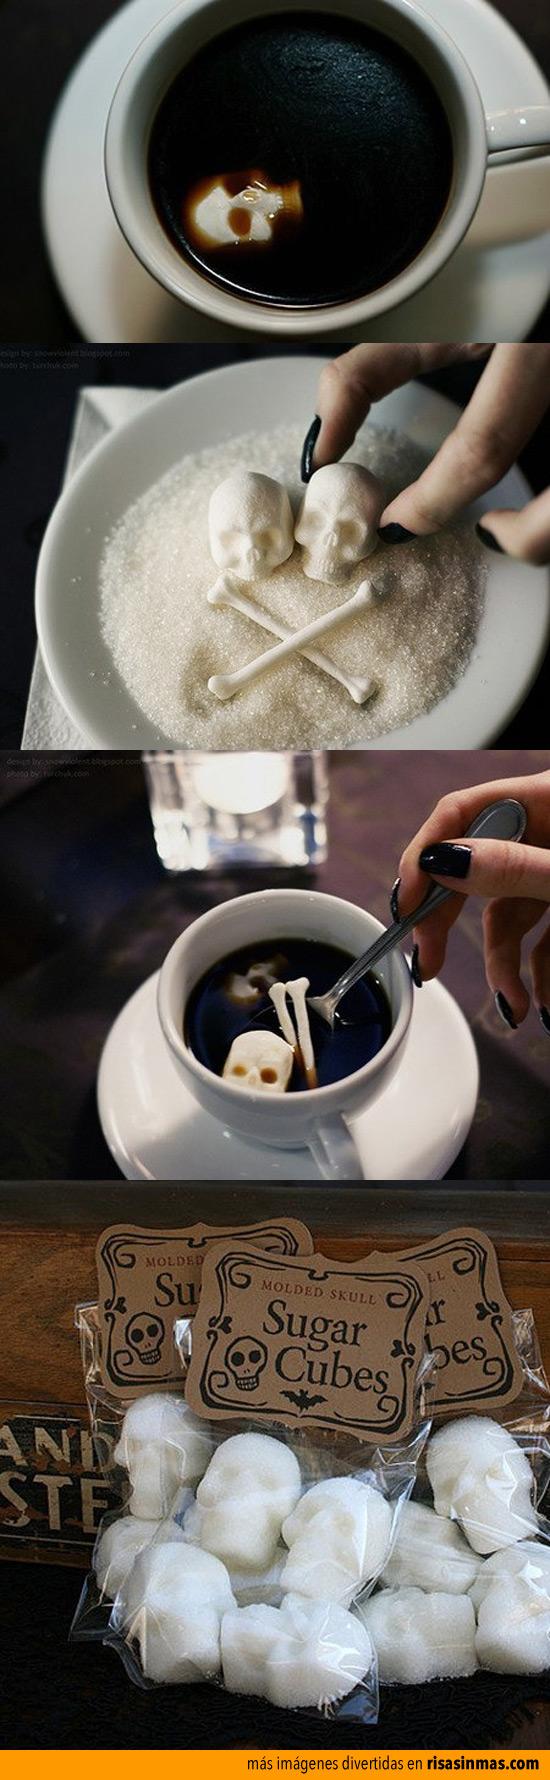 Los terrones de azúcar que querrás tener